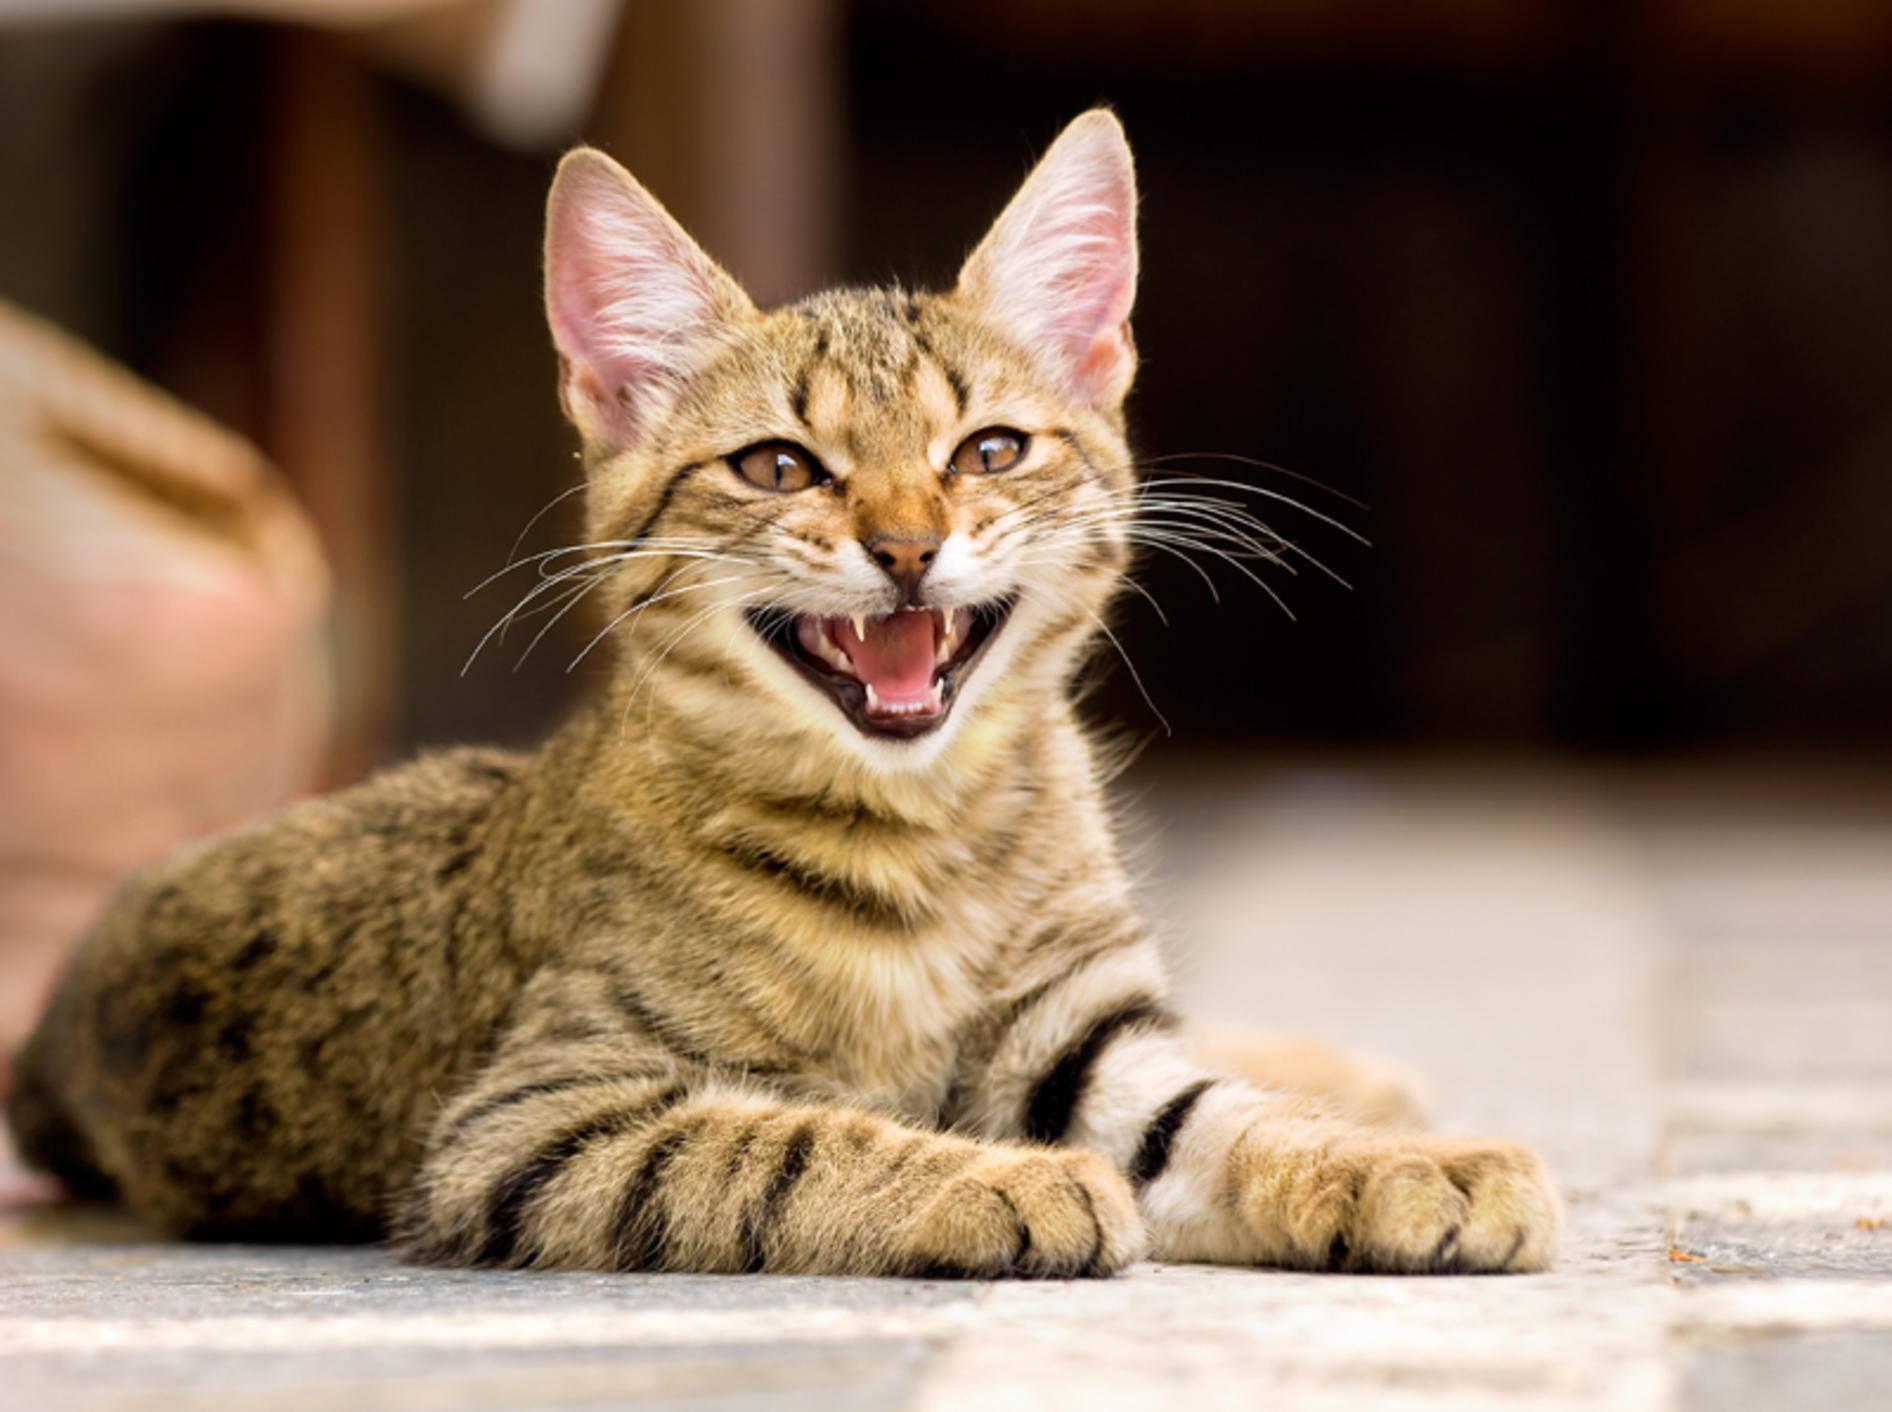 Diese Katze freut sich, dass sie keinen Mundgeruch mehr hat – Shutterstock / Stanimir G.Stoev